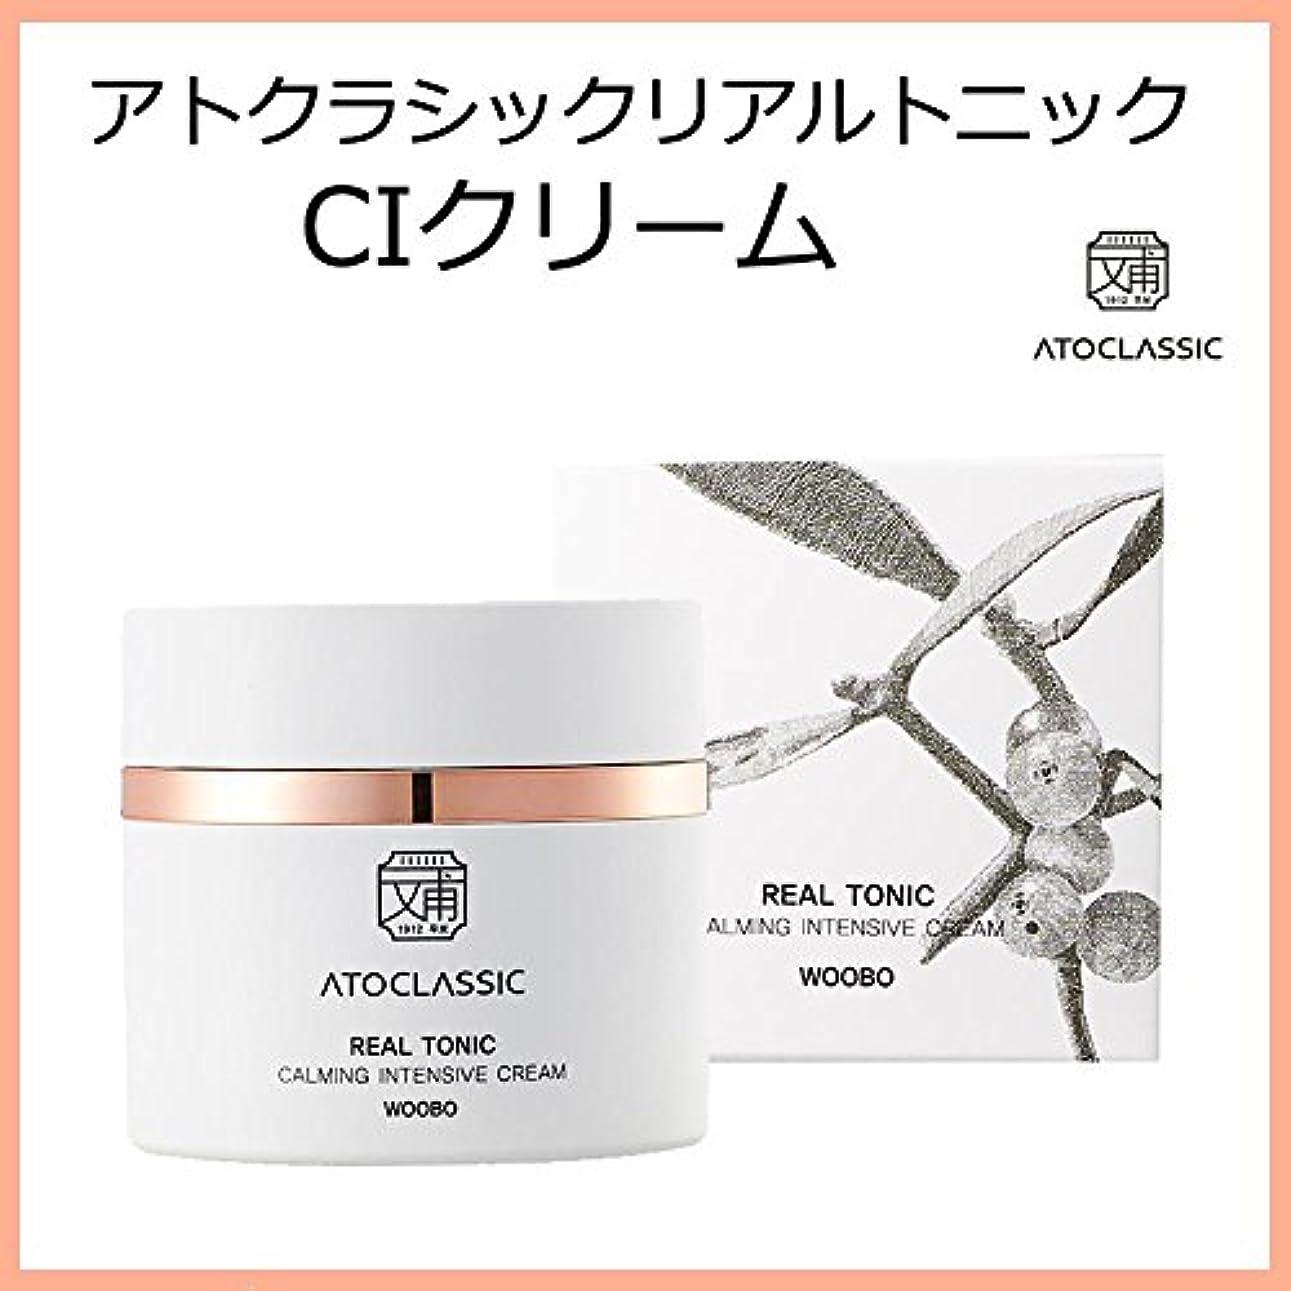 呼び起こす八百屋さんオークランド韓国コスメ ATOCLASSIC アトクラシックリアルトニック CIクリーム(Calming Intensive Cream) 50ml